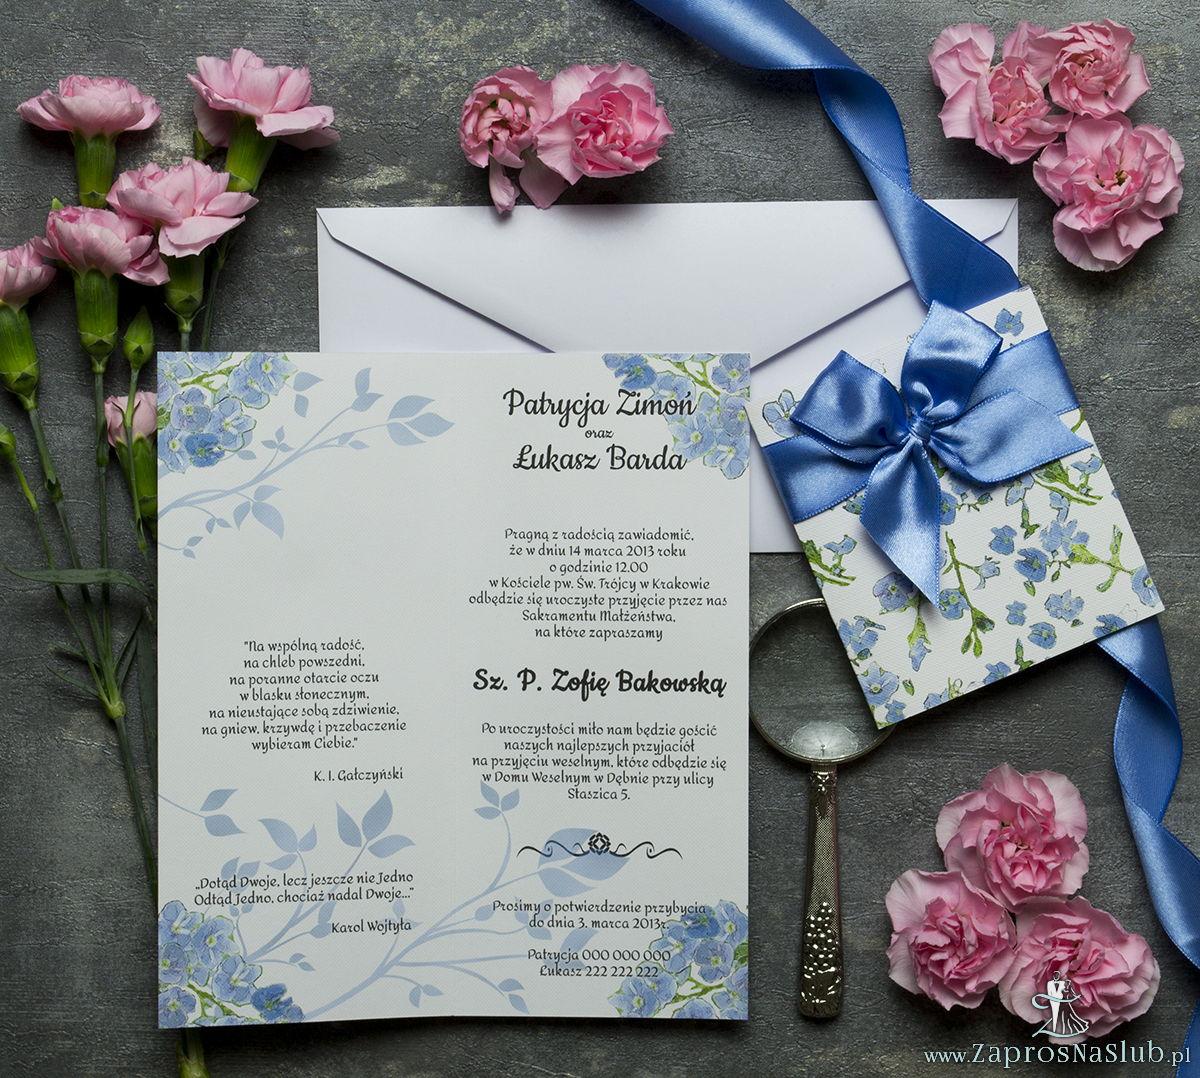 Niebanalne kwiatowe zaproszenia ślubne. Niebiesko-zielony motyw kwiatowy, niebieska wstążka i wnętrze wkładane w okładkę. ZAP-90-11